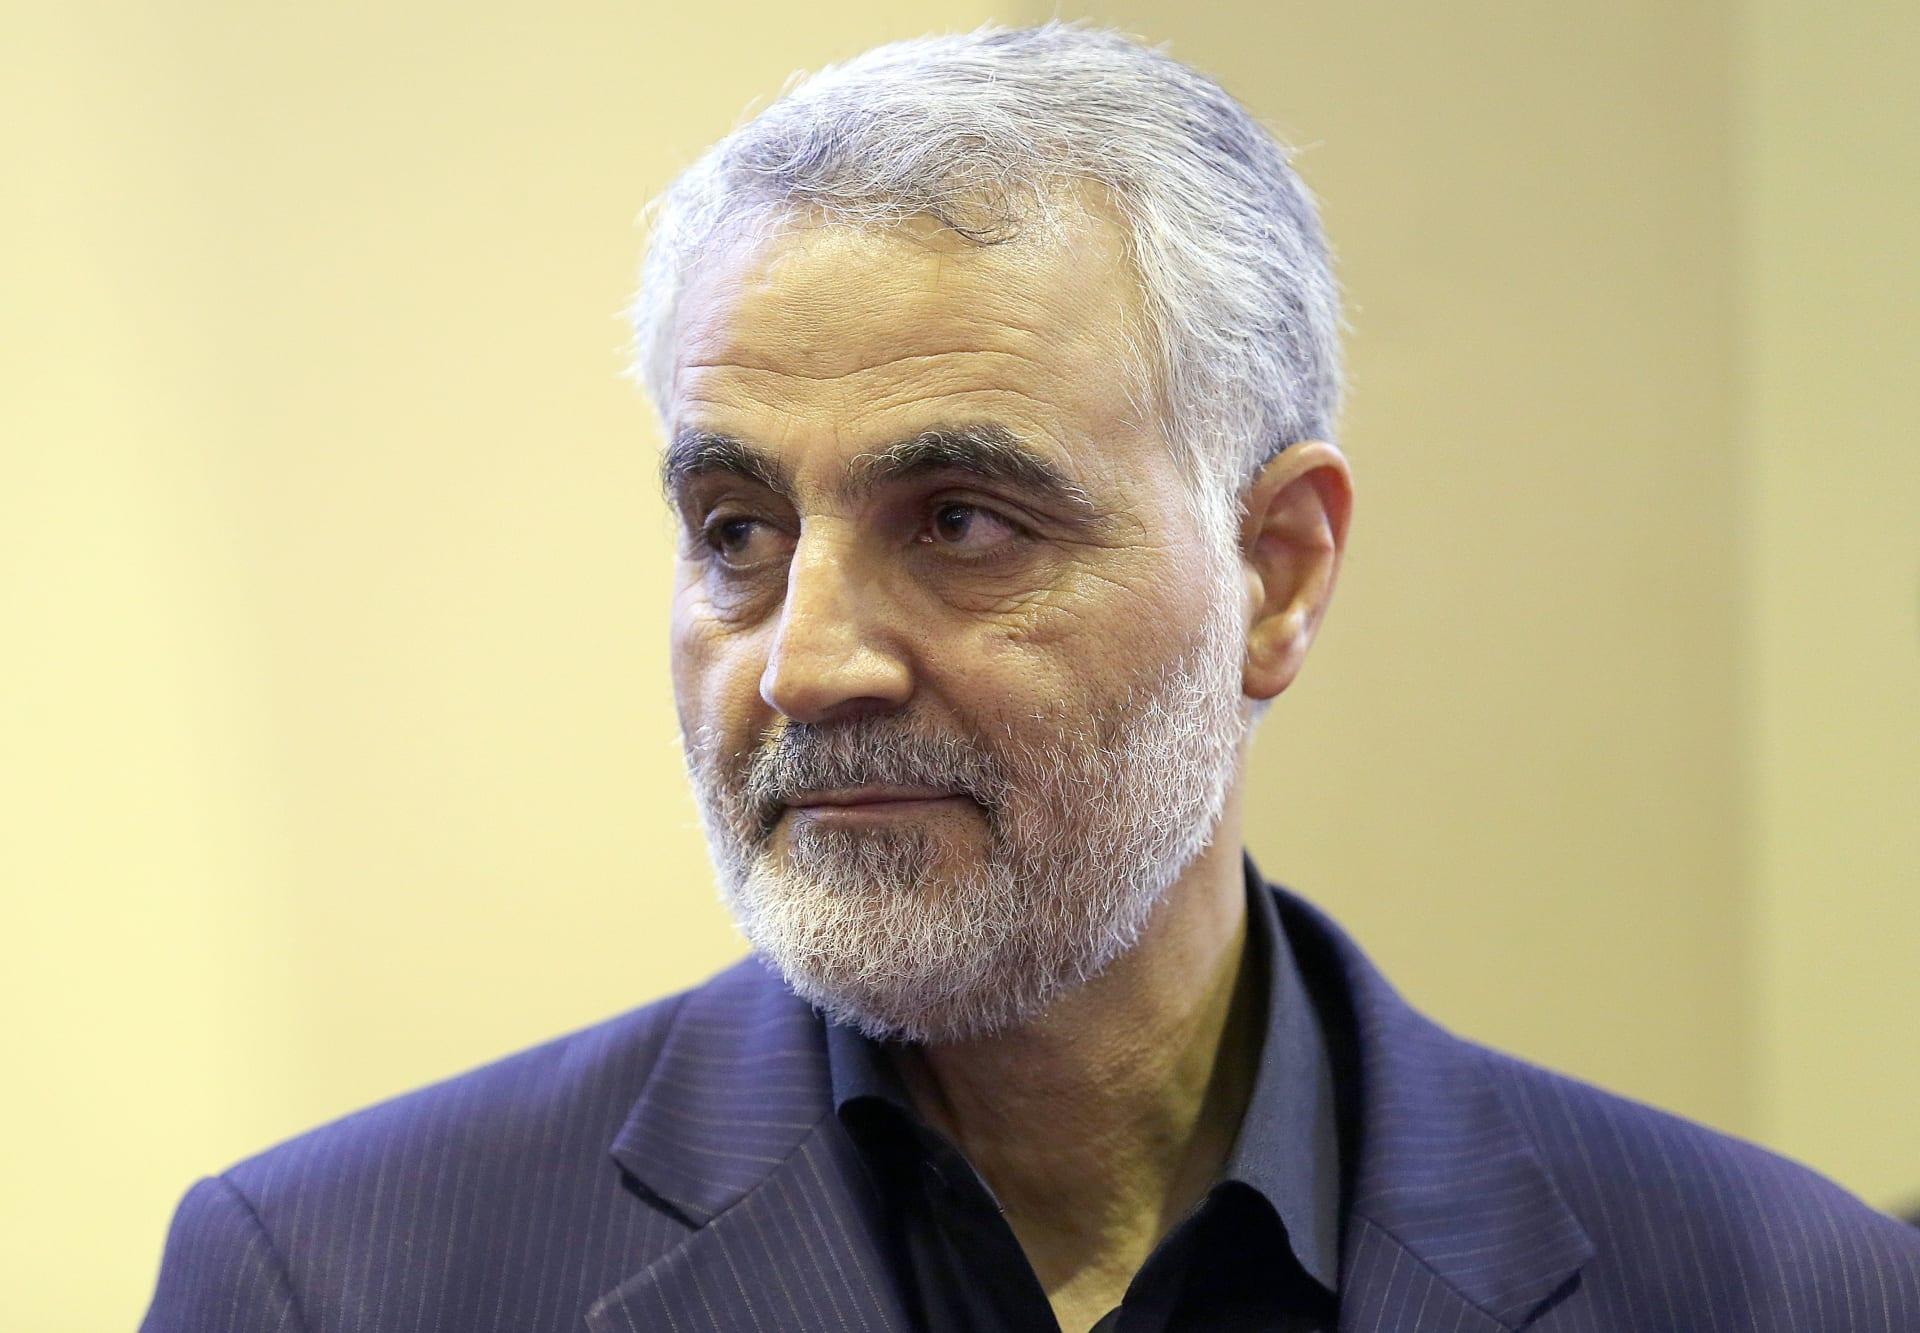 السعودية تعلن عن عقوبات تستهدف إيرانيين أبرزهم قاسم سليماني